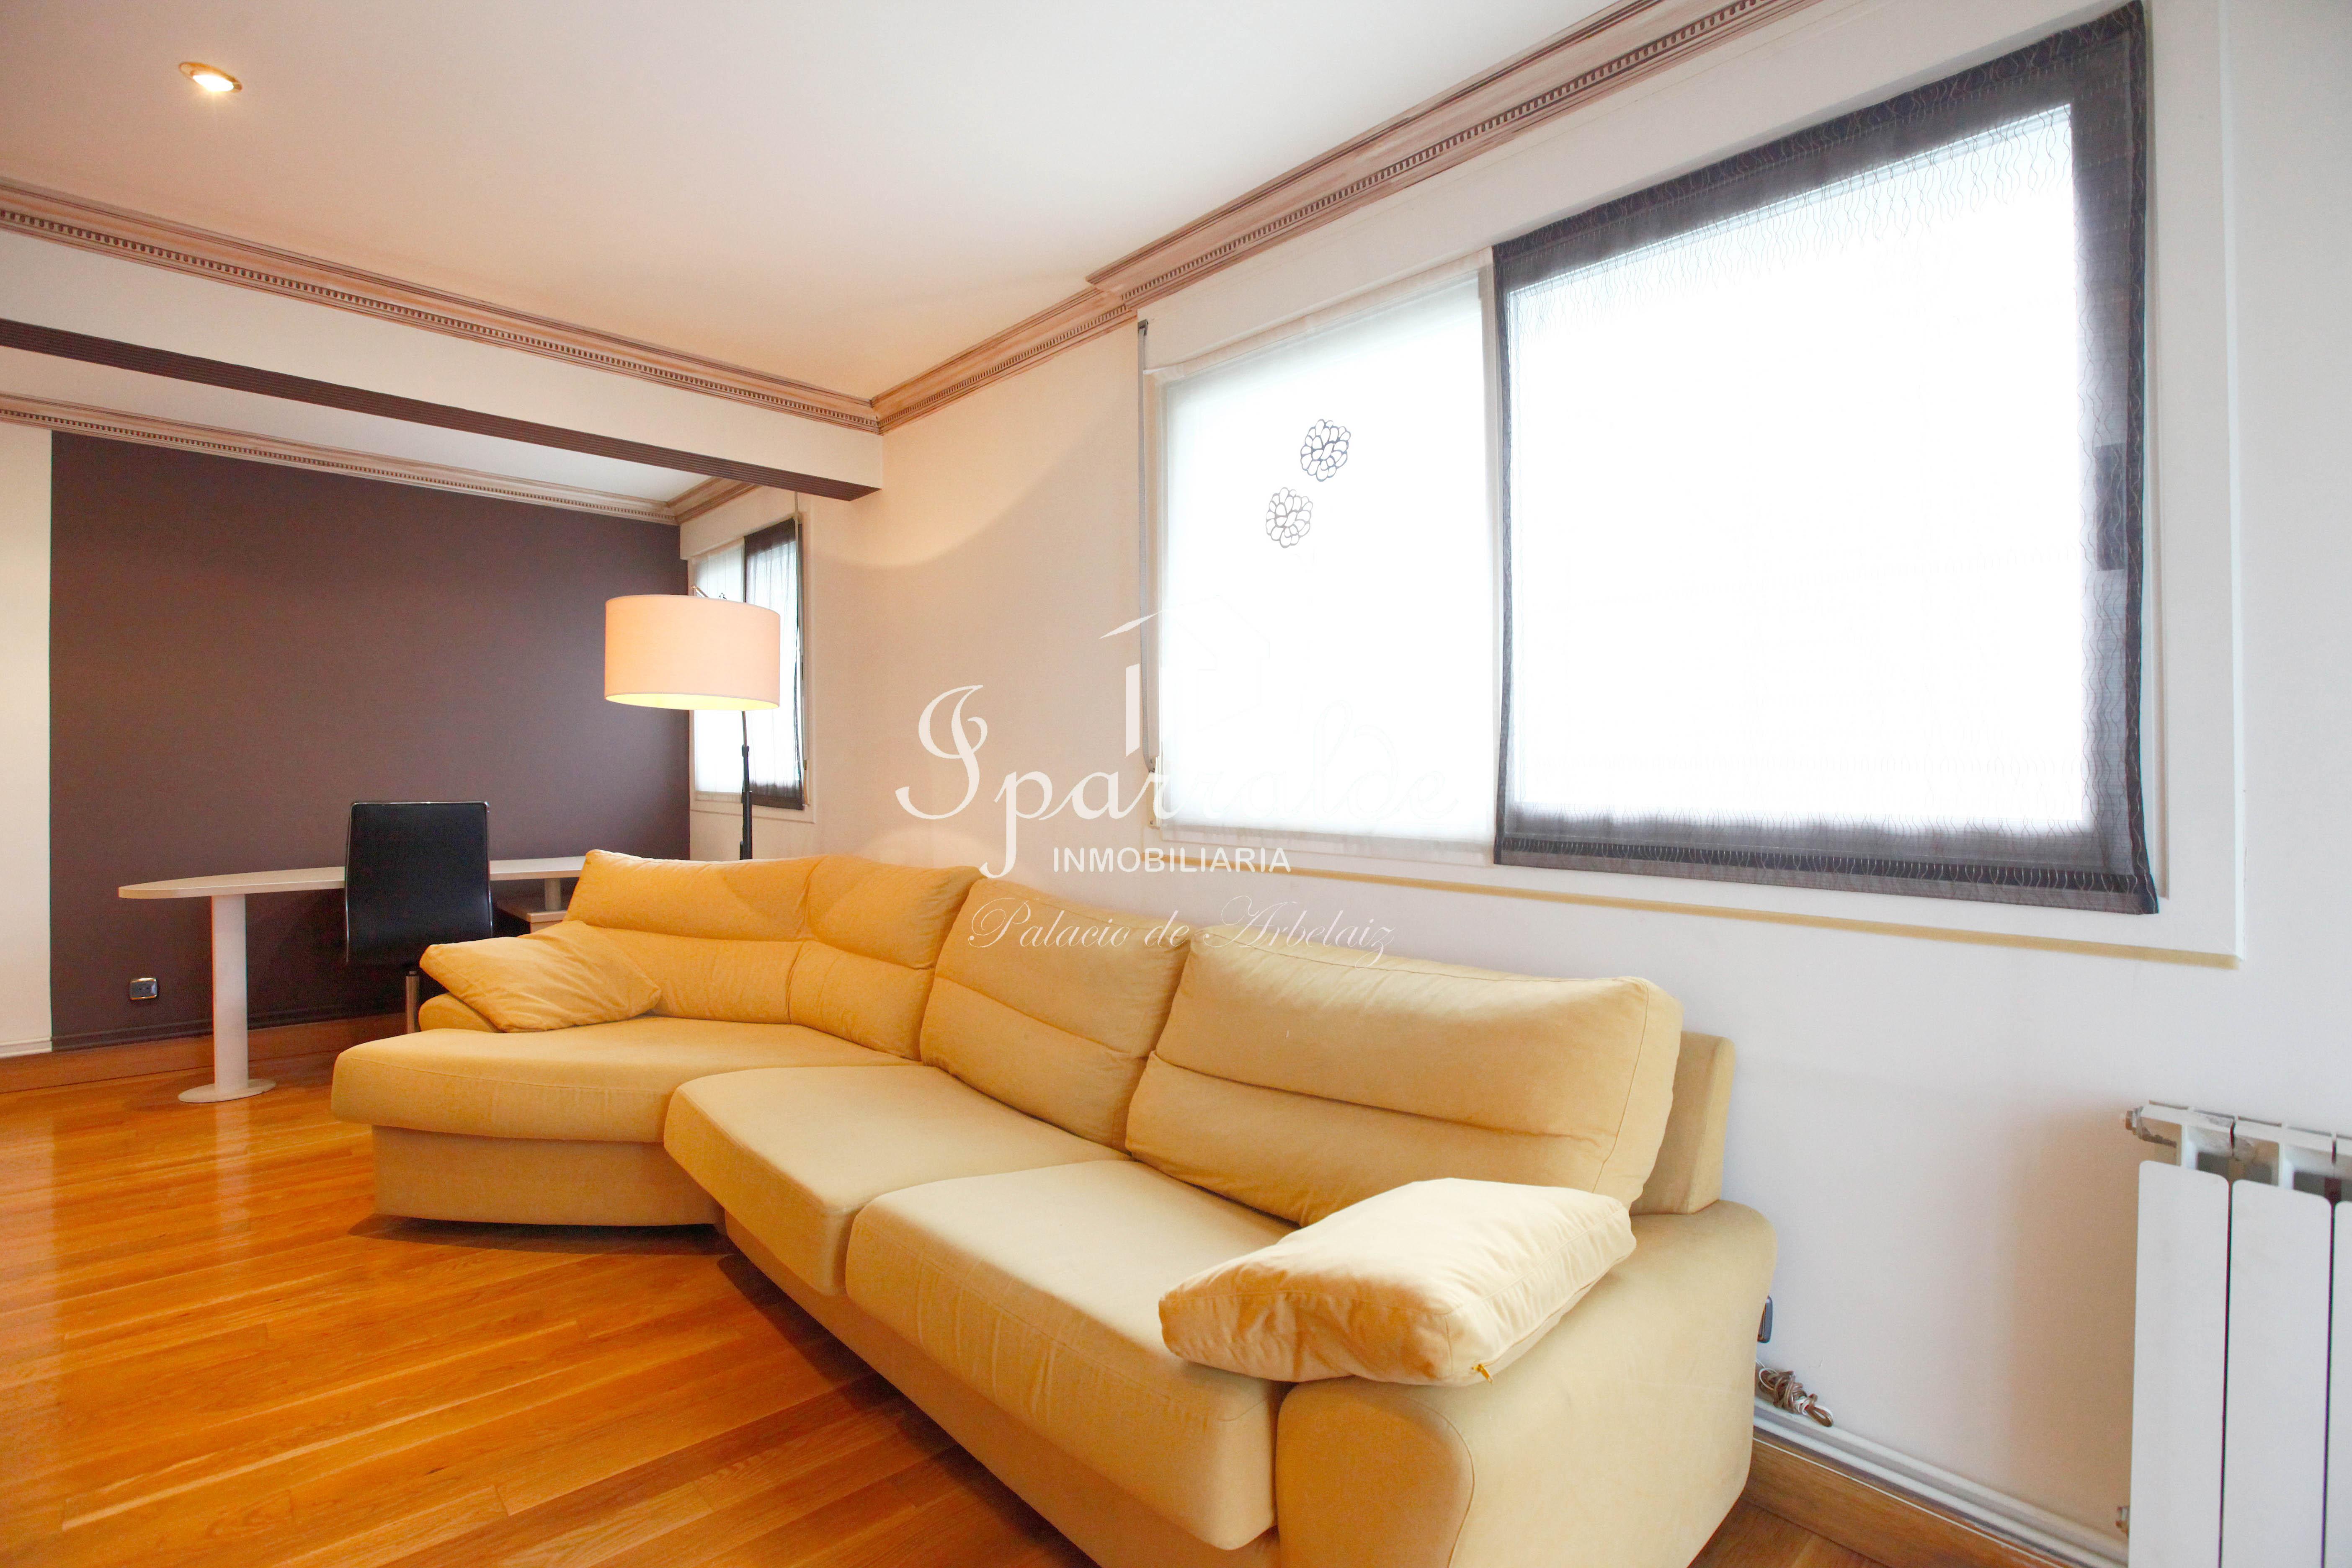 Bonito piso de 80 m2 , situado cerca de Palmera Montero. Opcional: garaje cerrado.